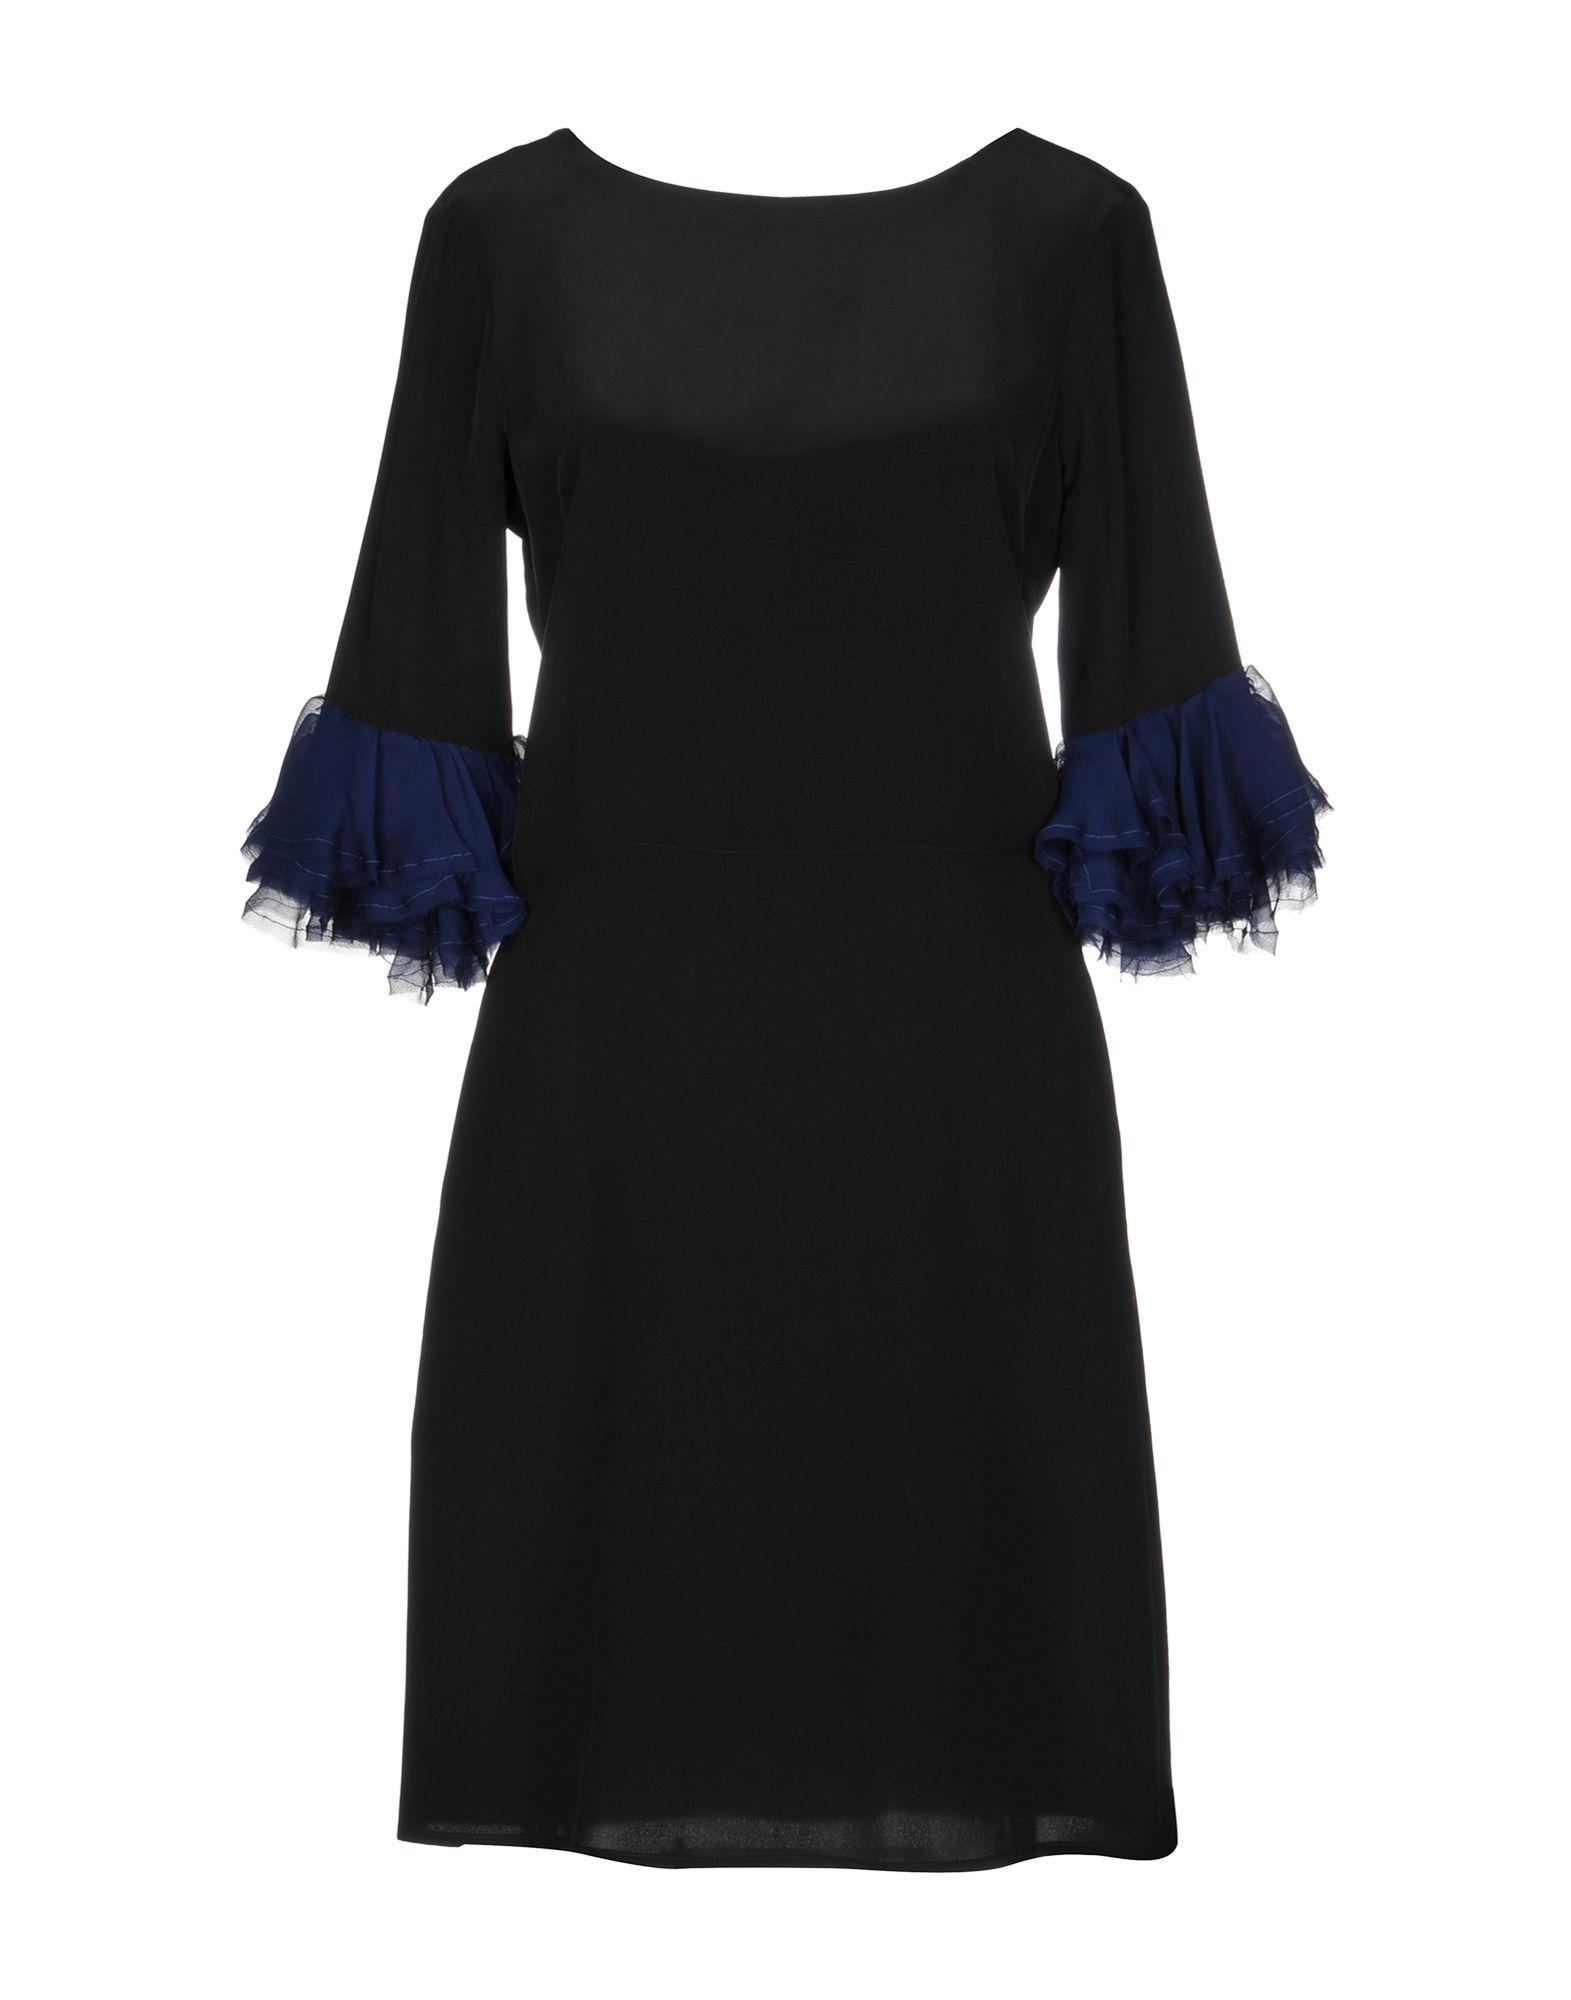 MOMONÍ Damen Kurzes Kleid Farbe Schwarz Größe 5